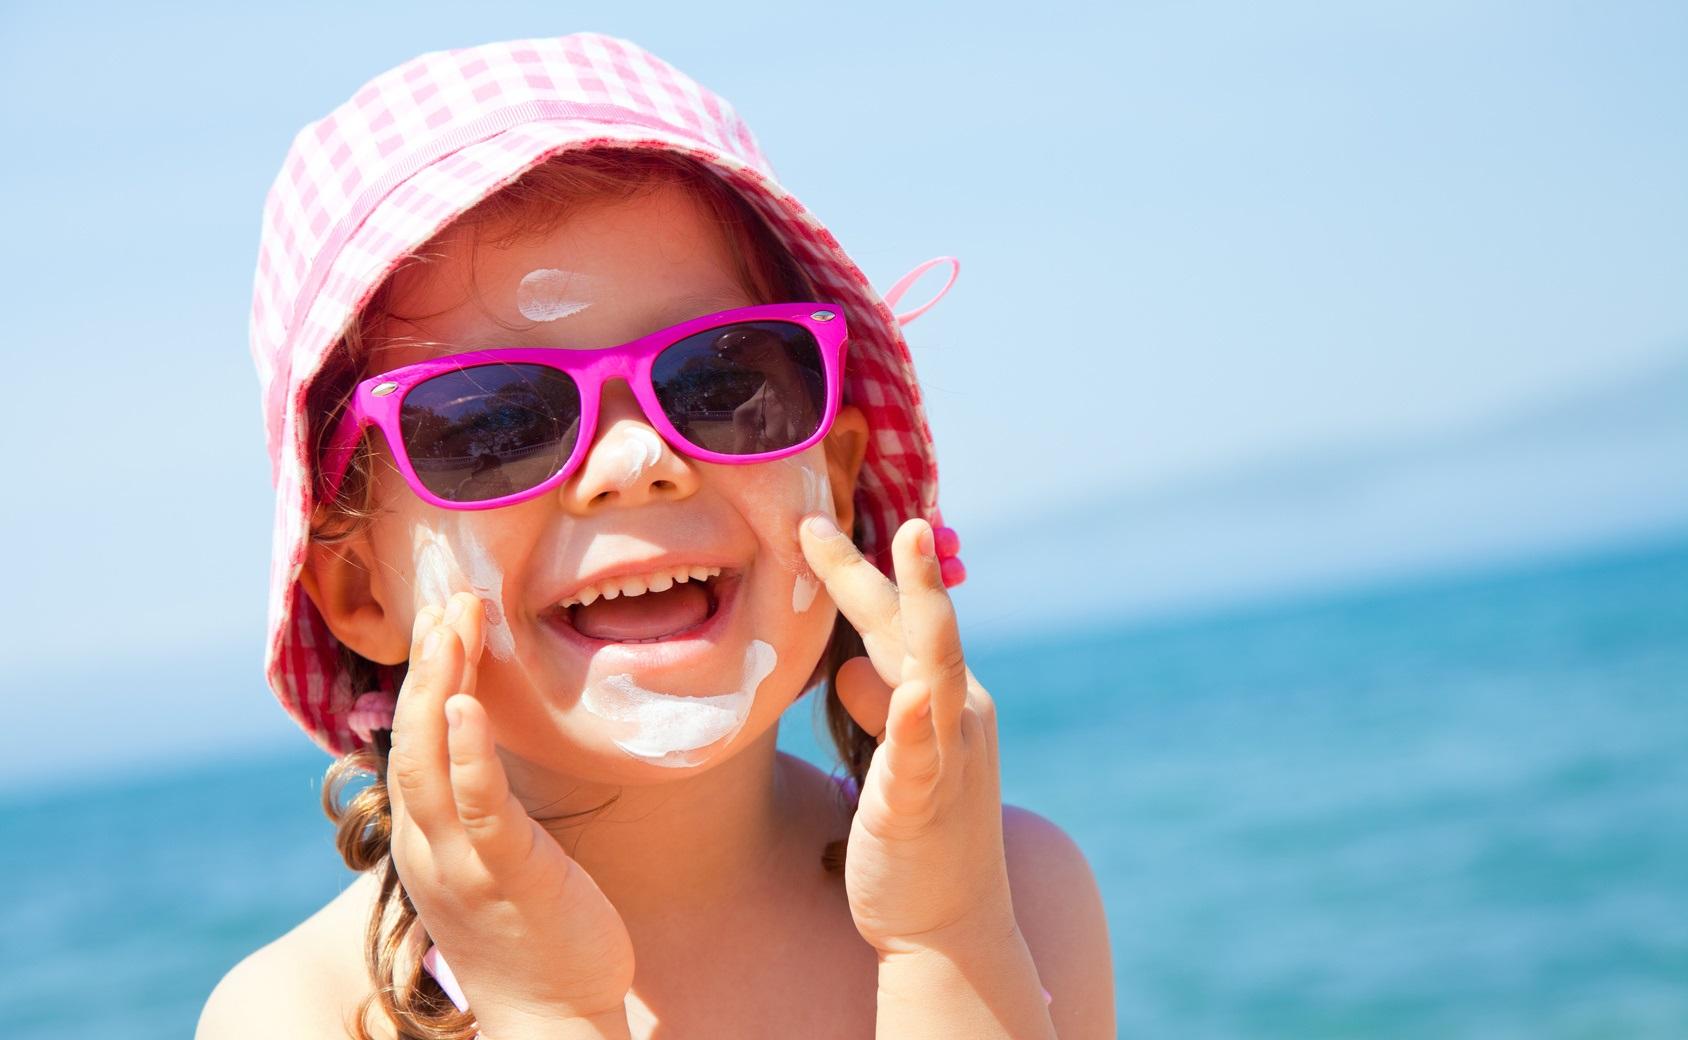 302dd0af3f187 Prévention soleil   1  comment protéger les yeux de bébé